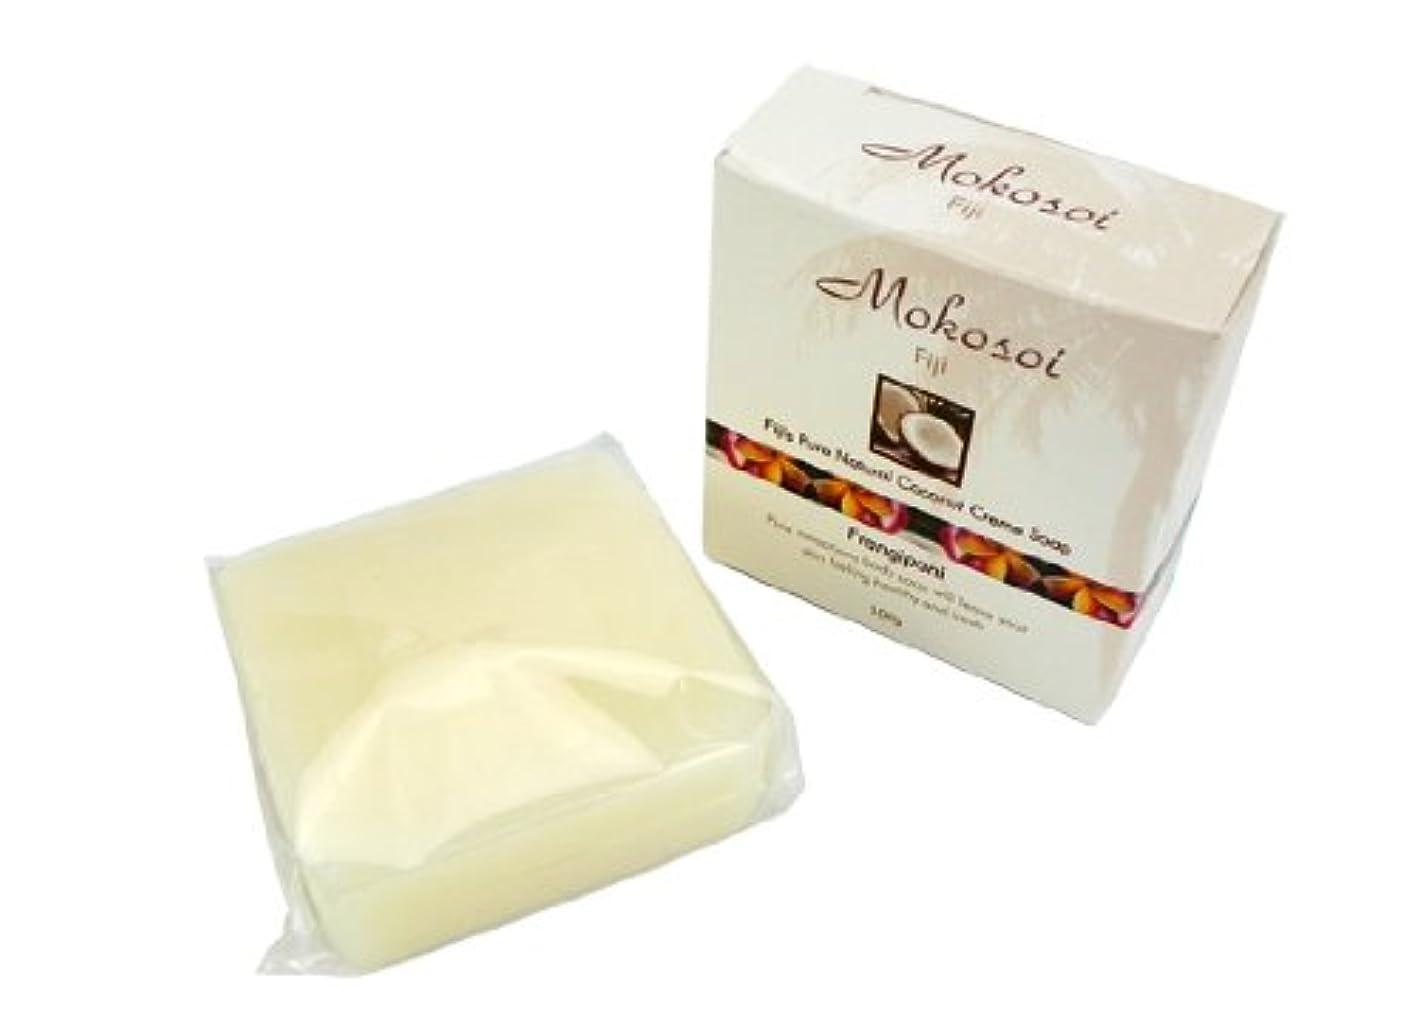 モコソイ ソープ FIJIの石鹸 (化粧石けん) フランギパニ 100g